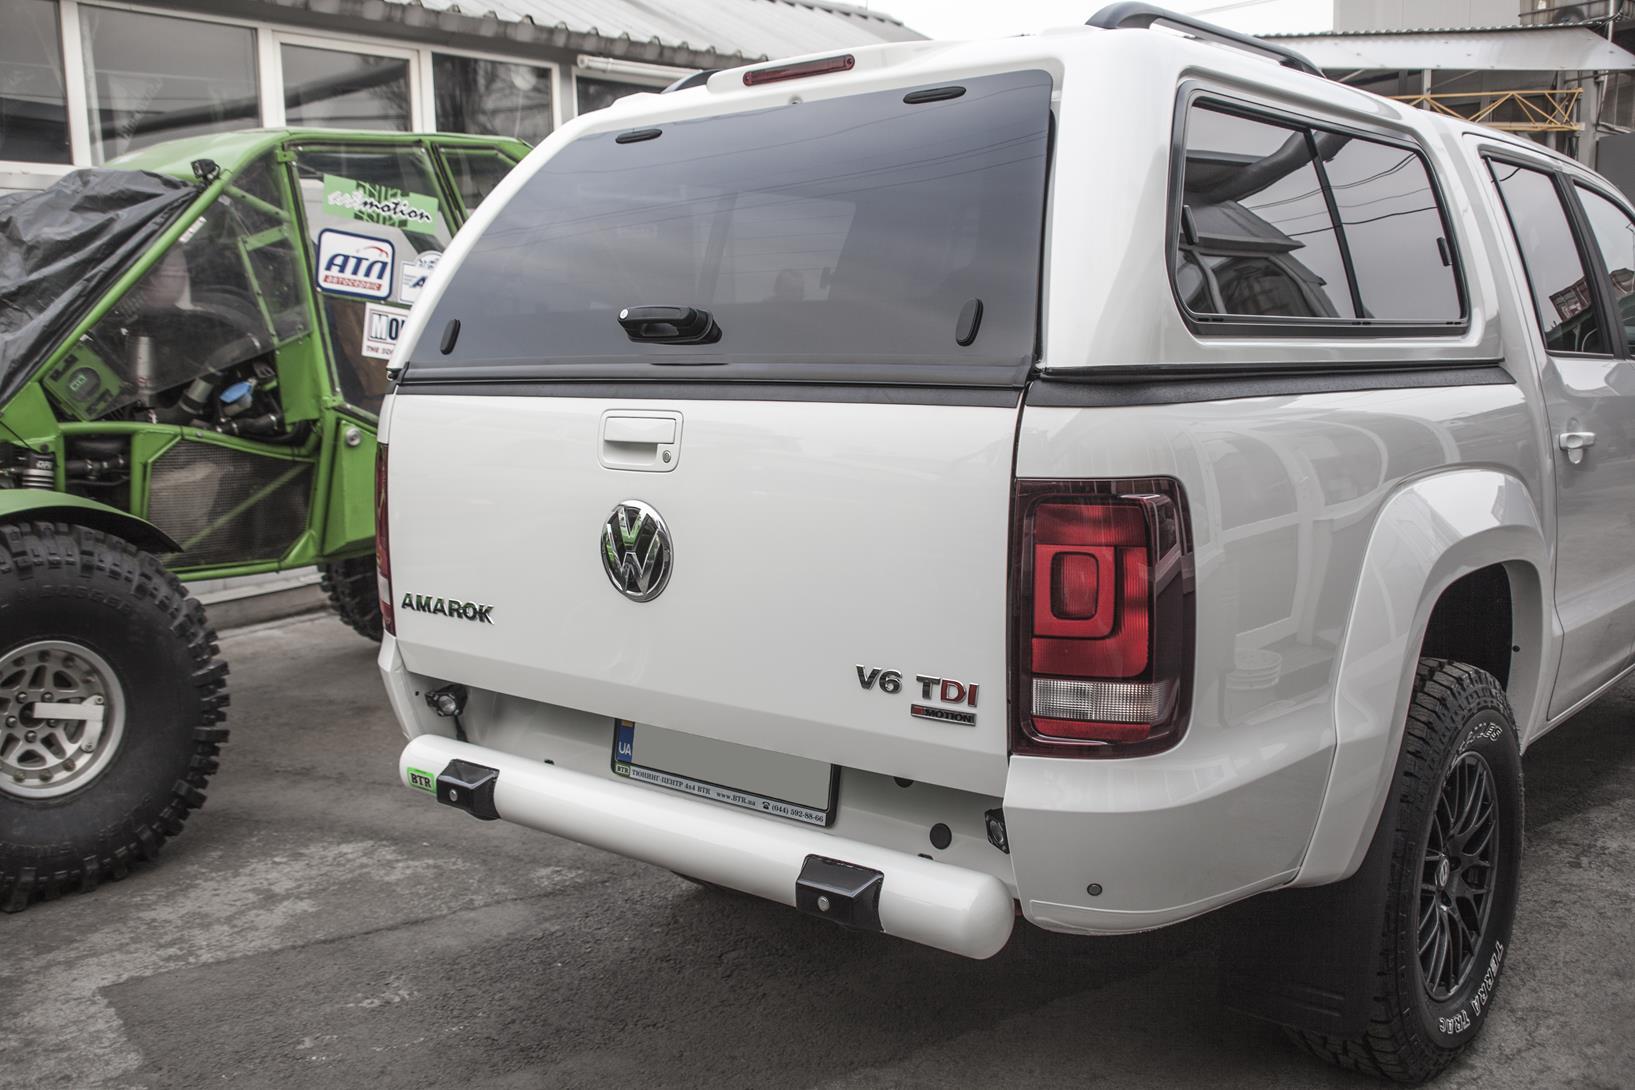 Volkswagen Amarok 2017 V6 Tuning 24